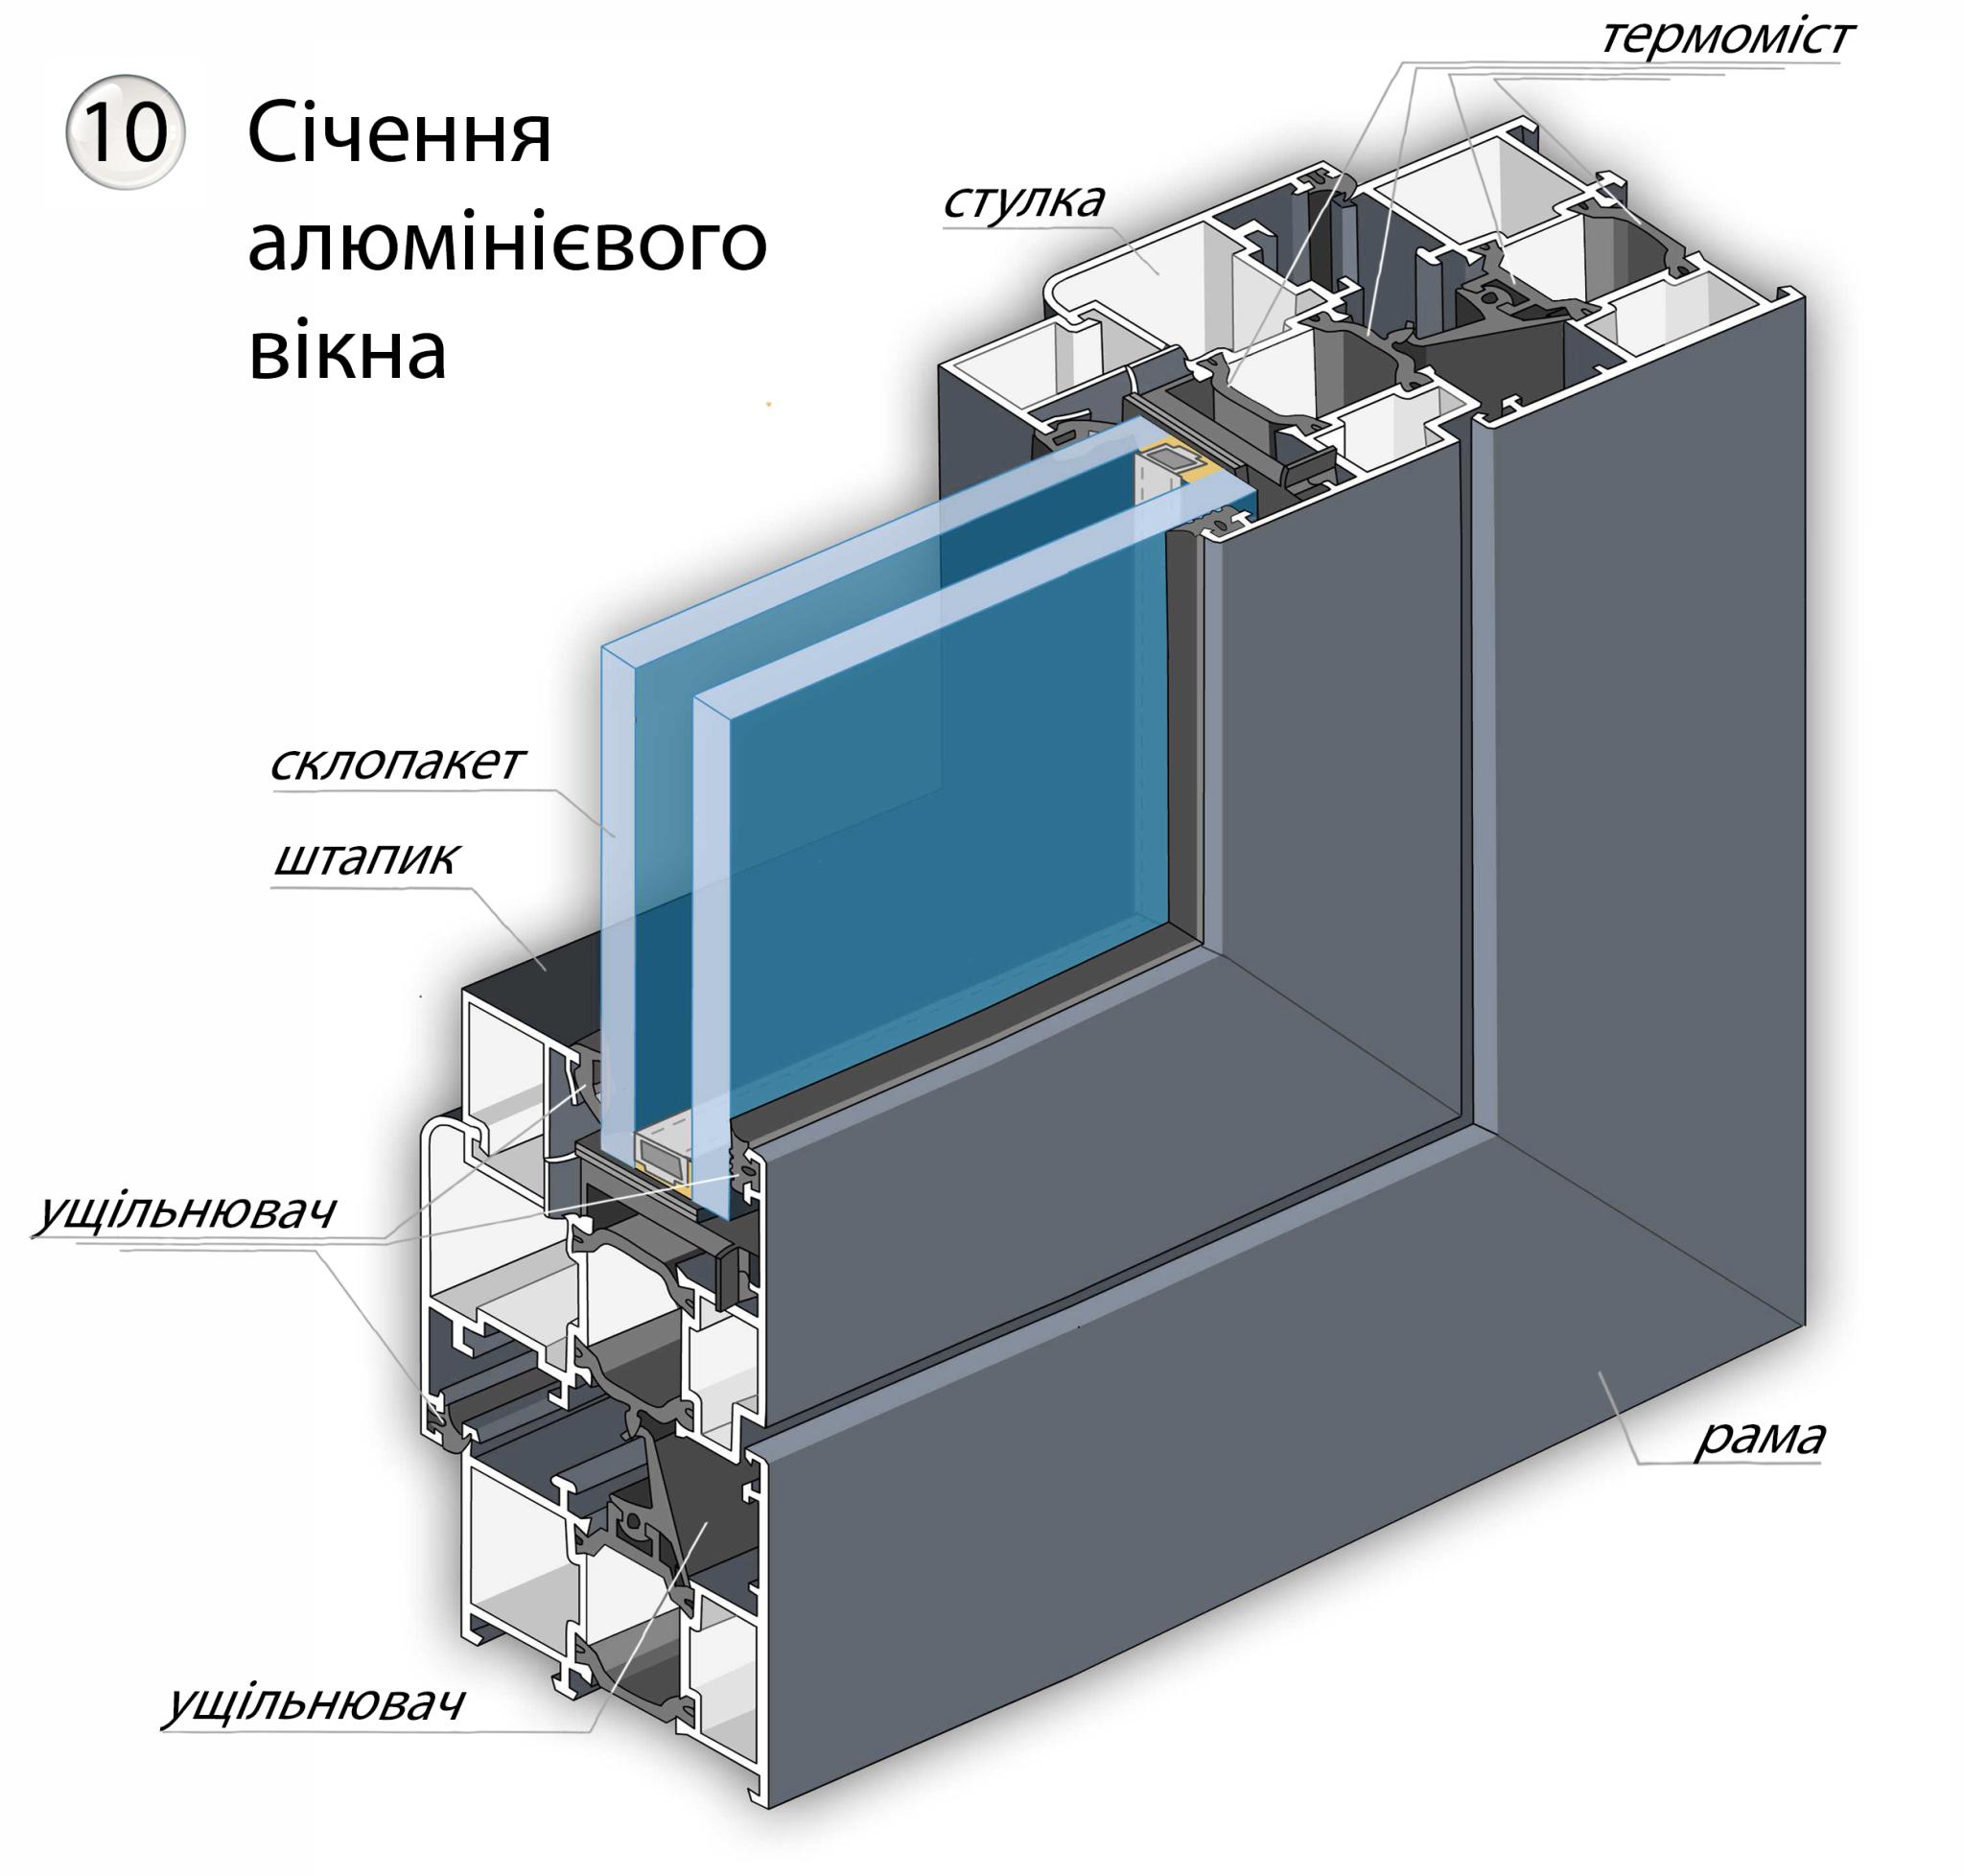 Січення алюмінієвого вікна